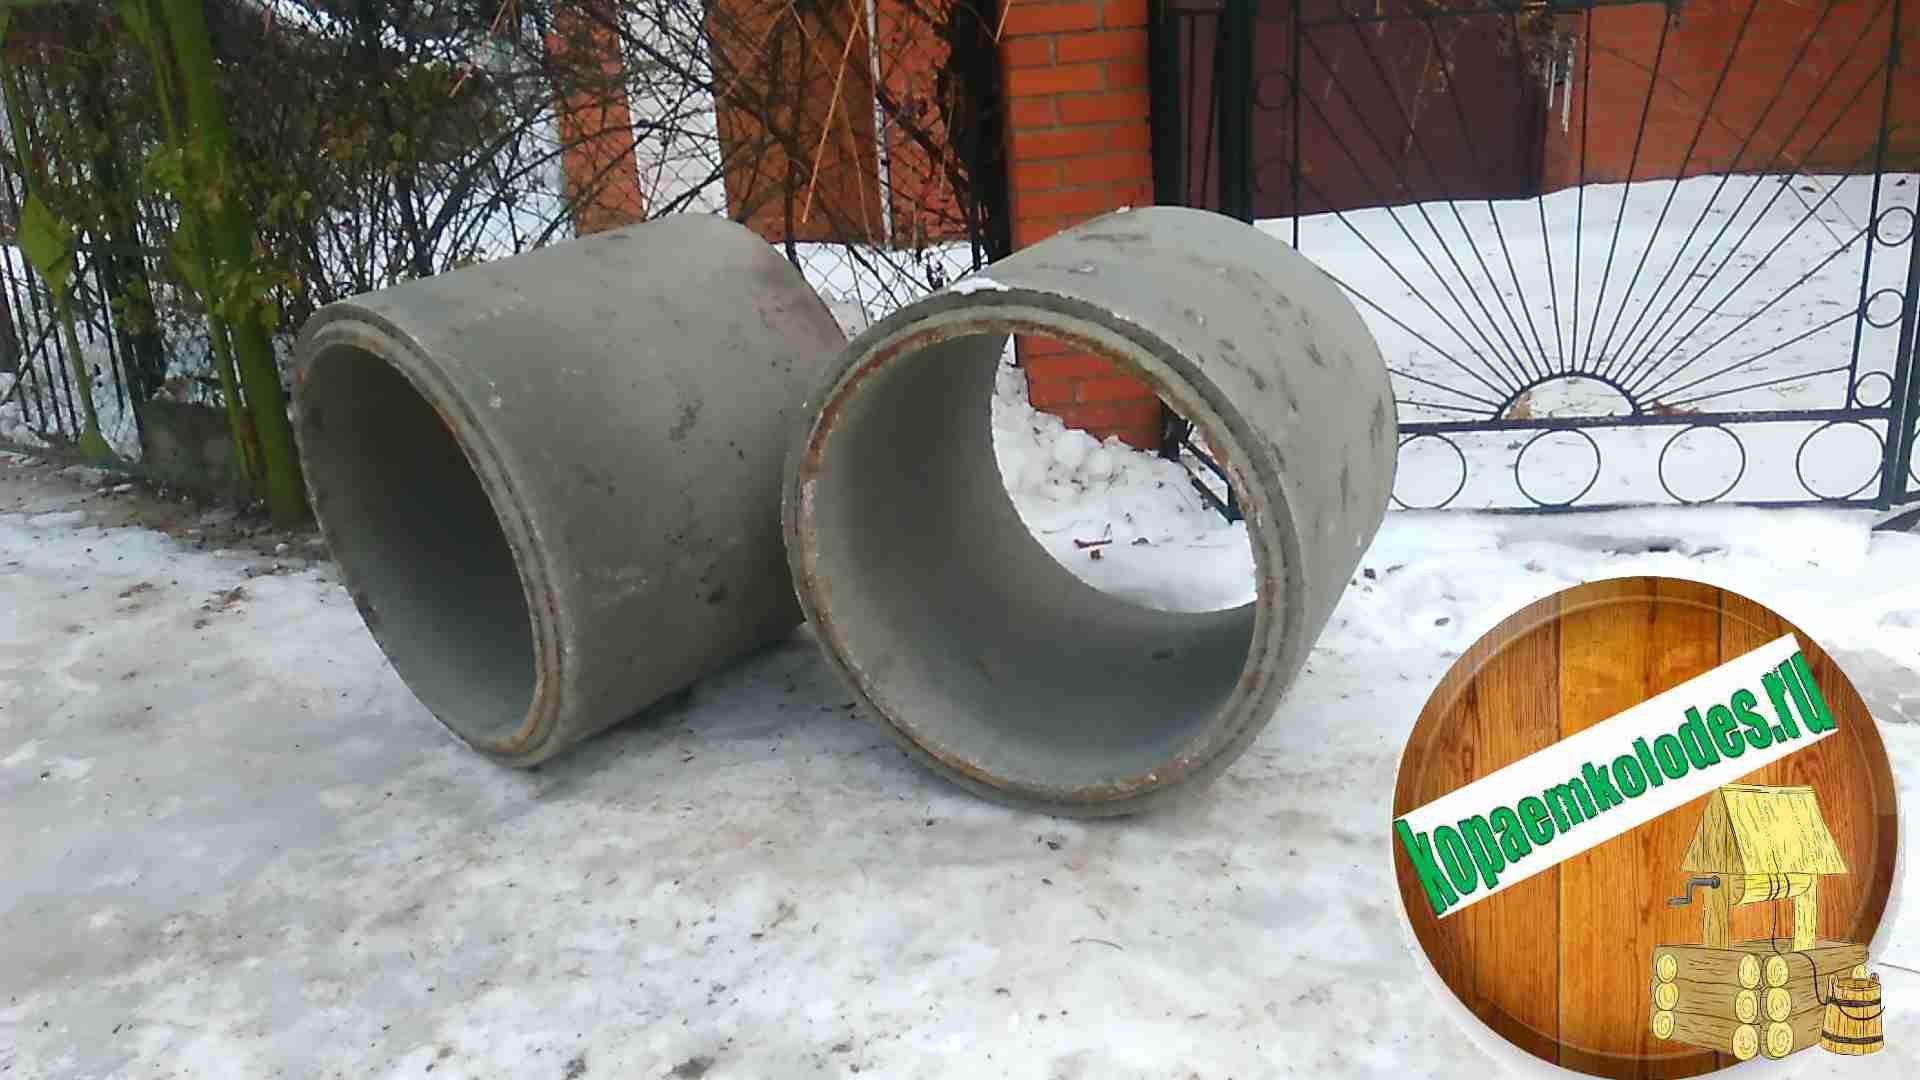 Профессиональное углубление колодца в Дмитровском районе и Дмитрове